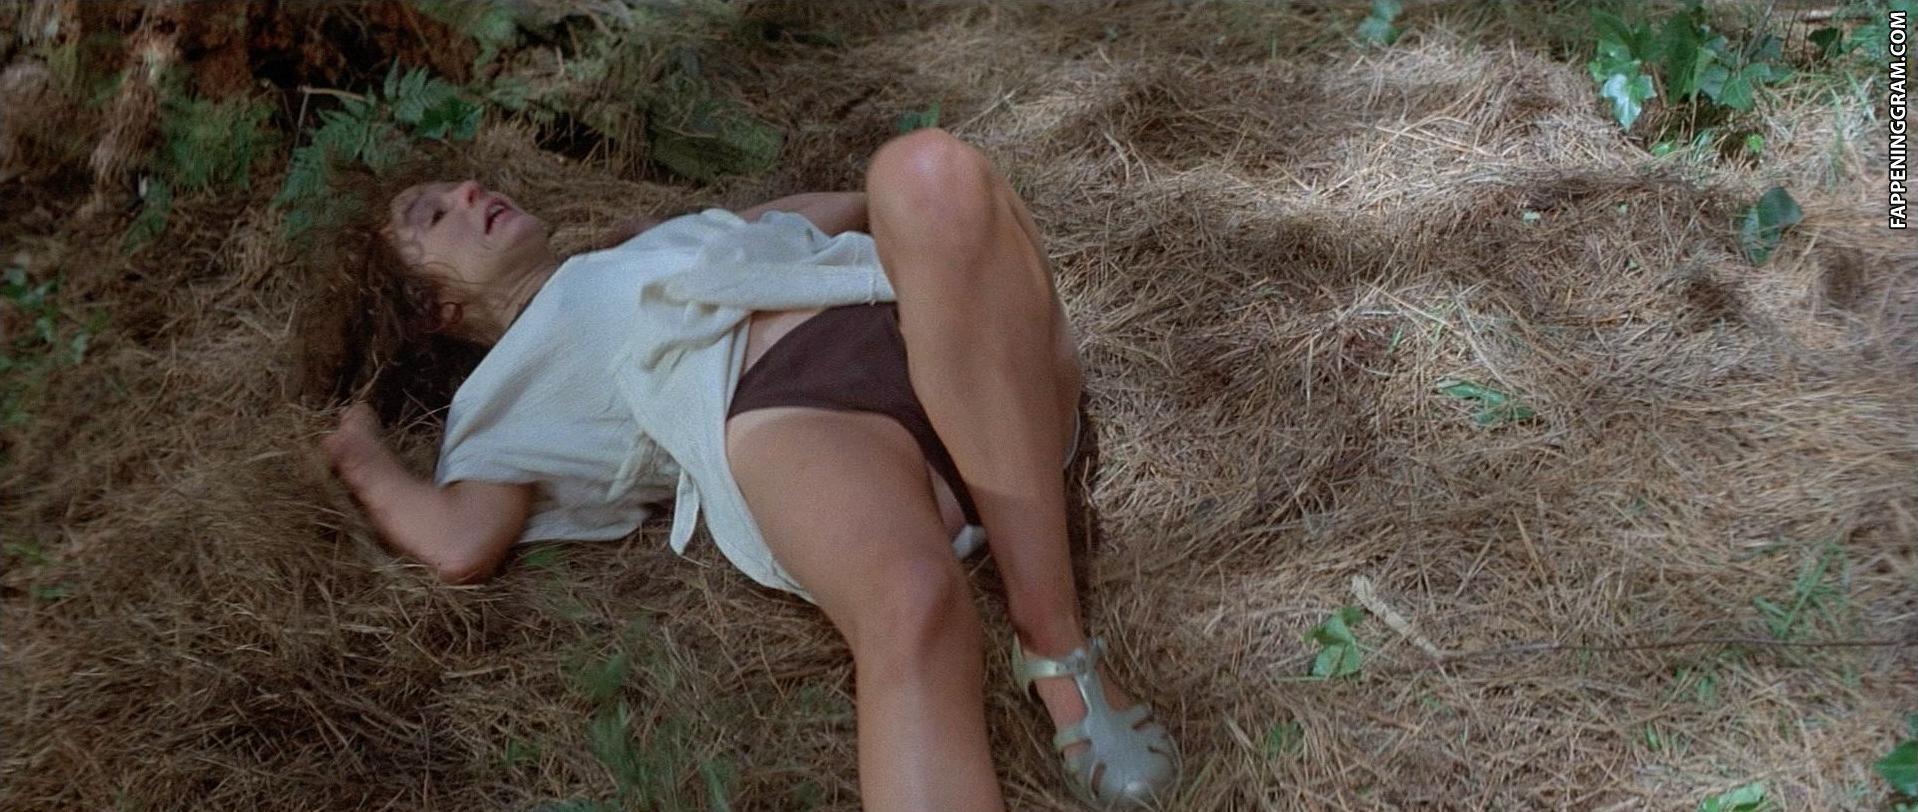 Joanne samuel naked